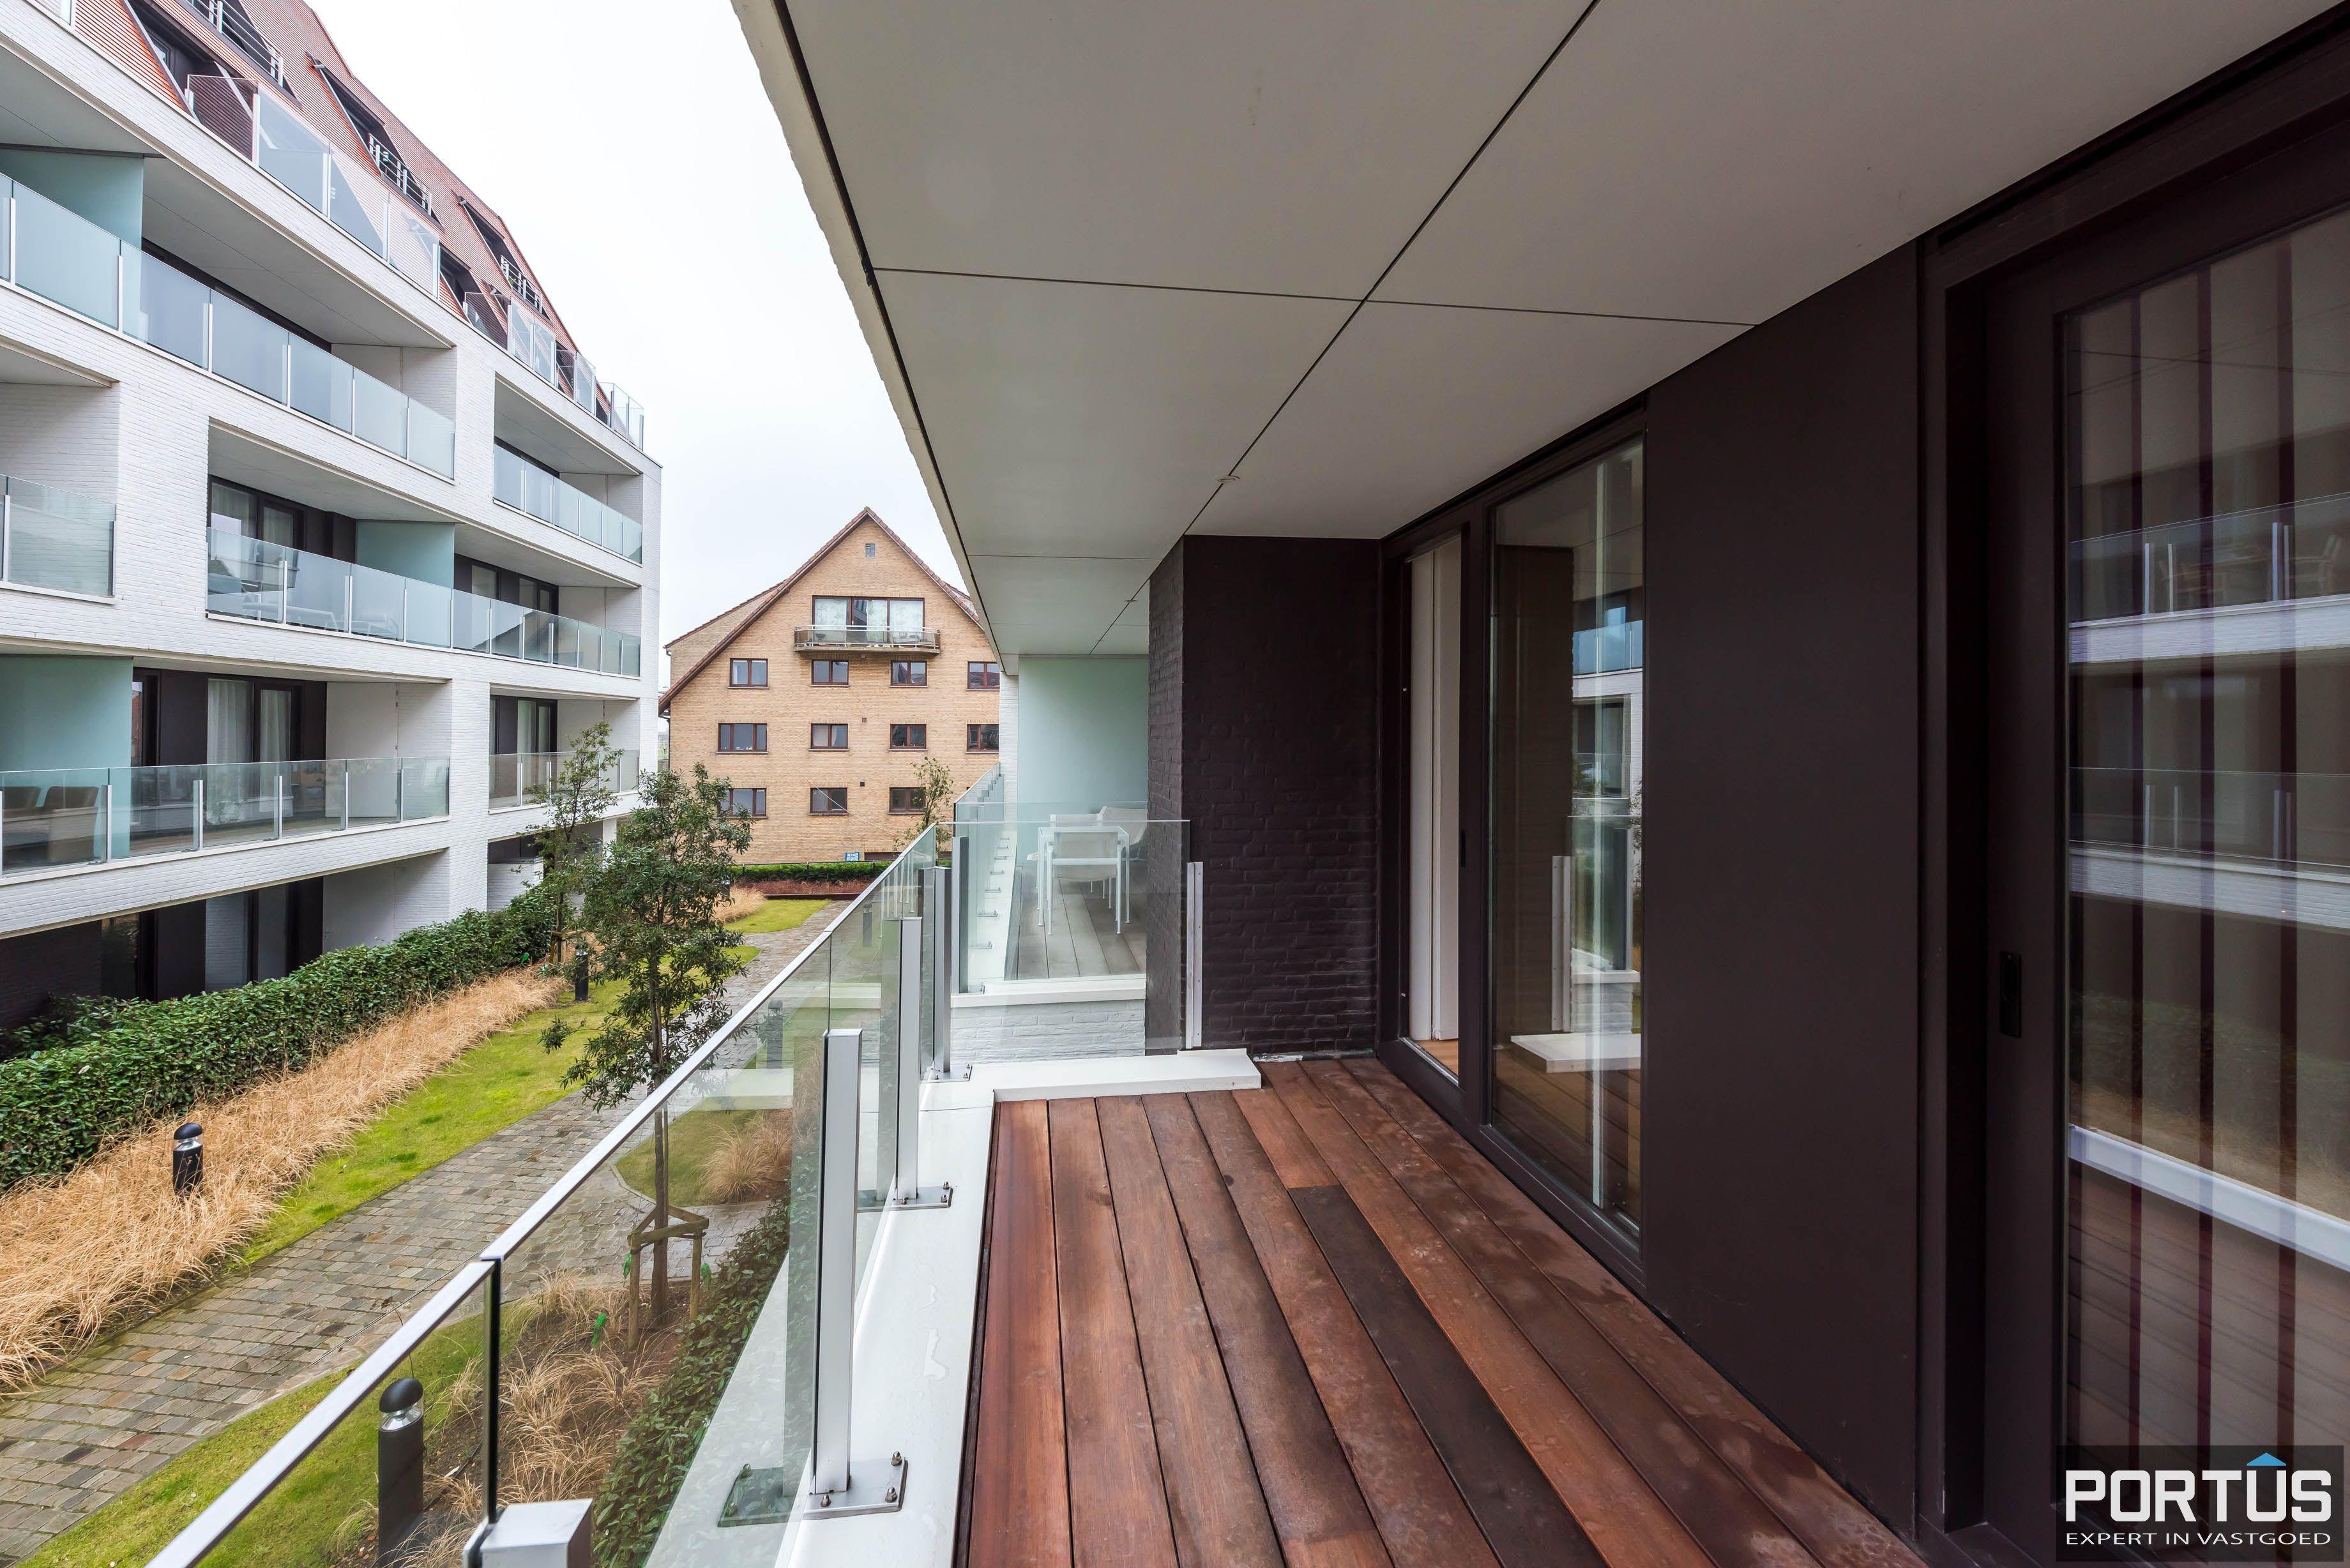 Appartement met 2 slaapkamers te koop Nieuwpoort - 5561